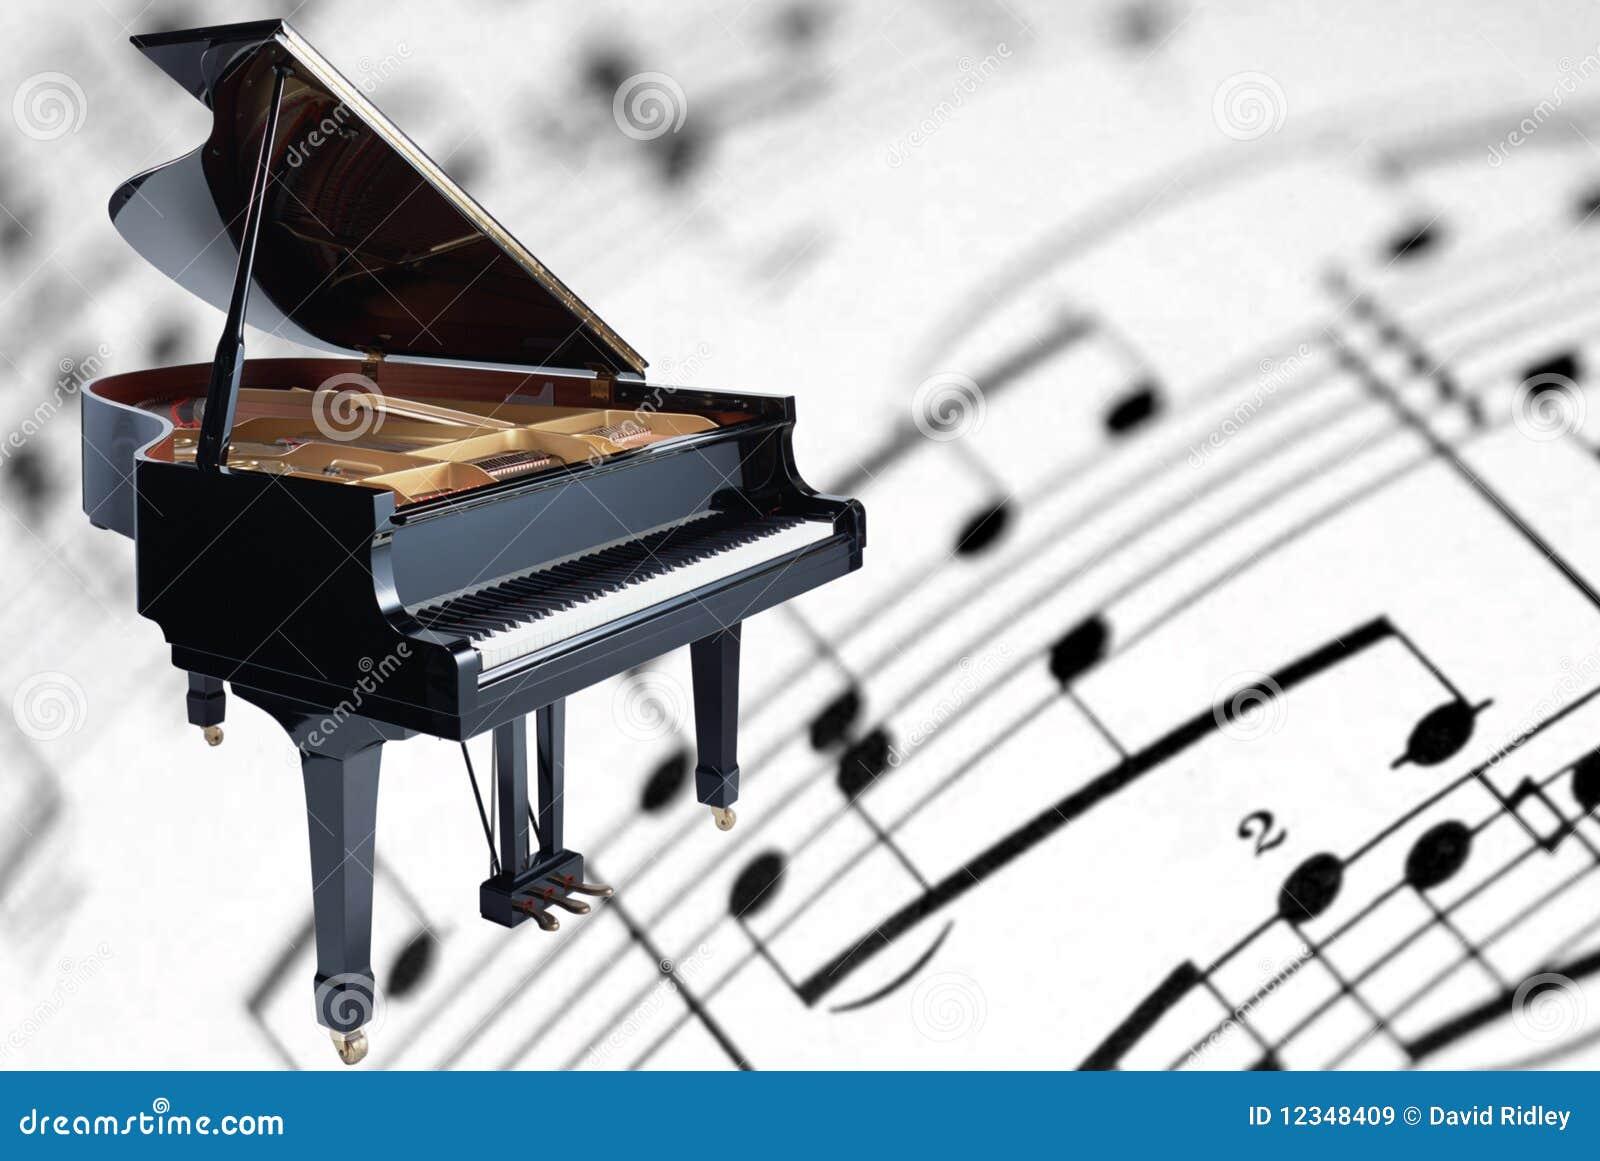 Piano à queue sur un fond de musique de feuille